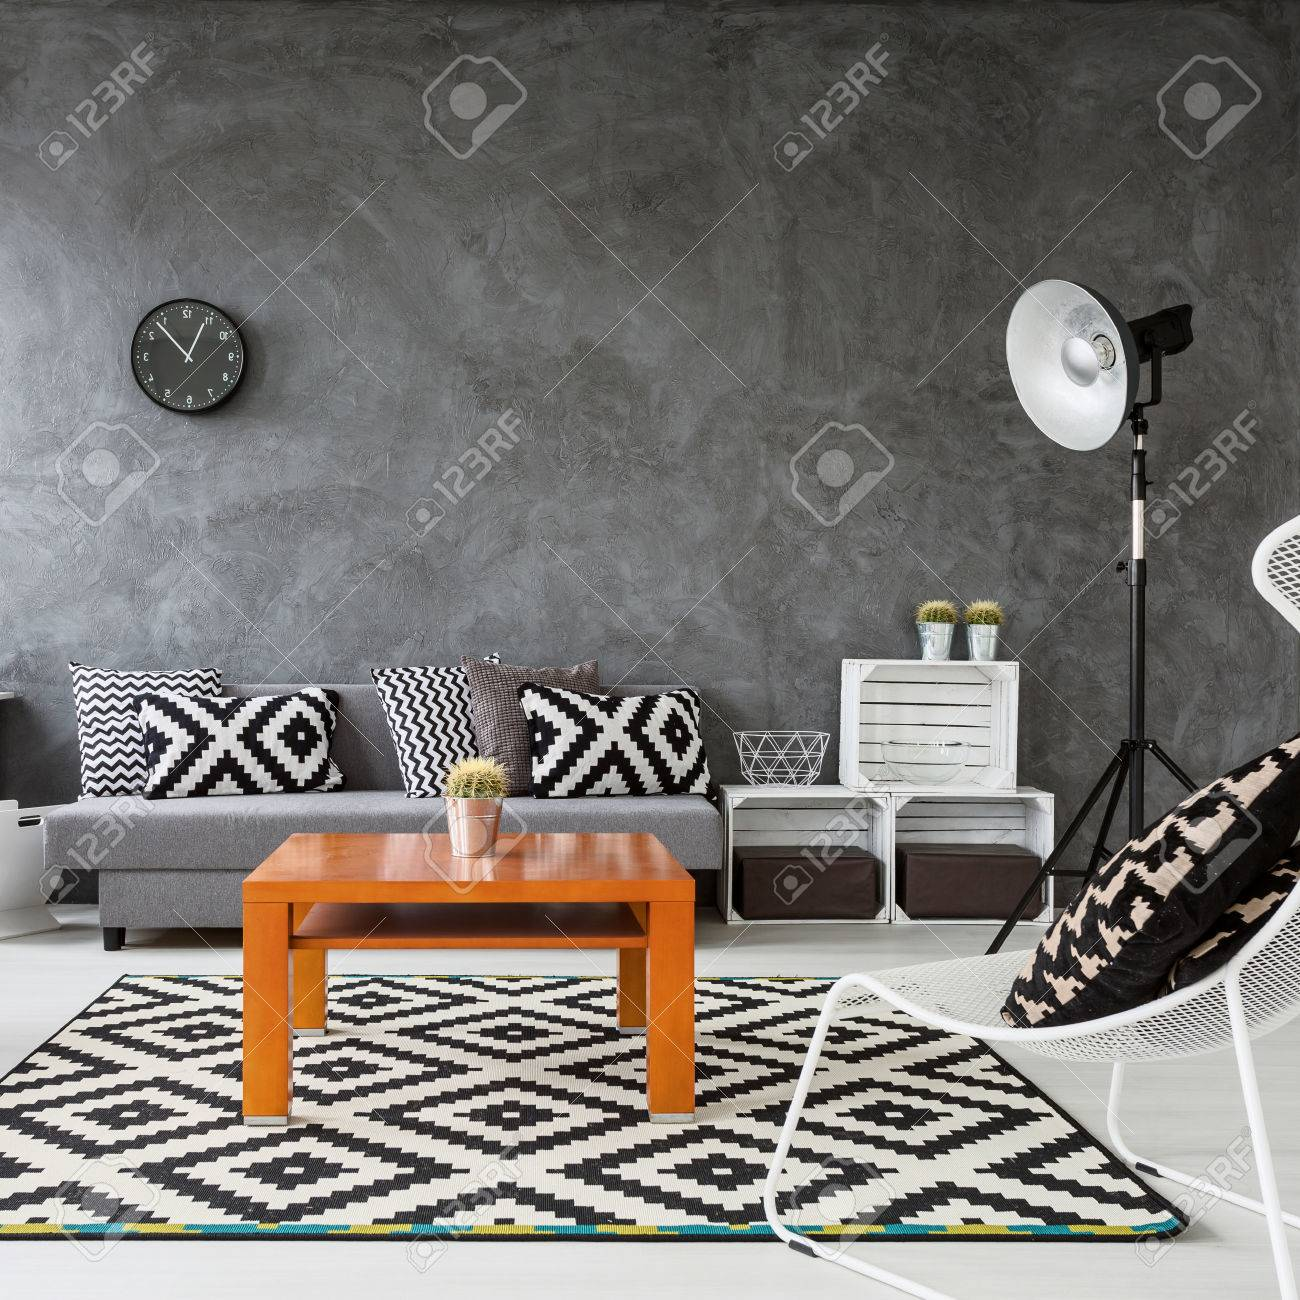 soggiorno con pareti grigie e parquet in legno bianco. decorazioni ... - Decorare Con Pareti Grigie